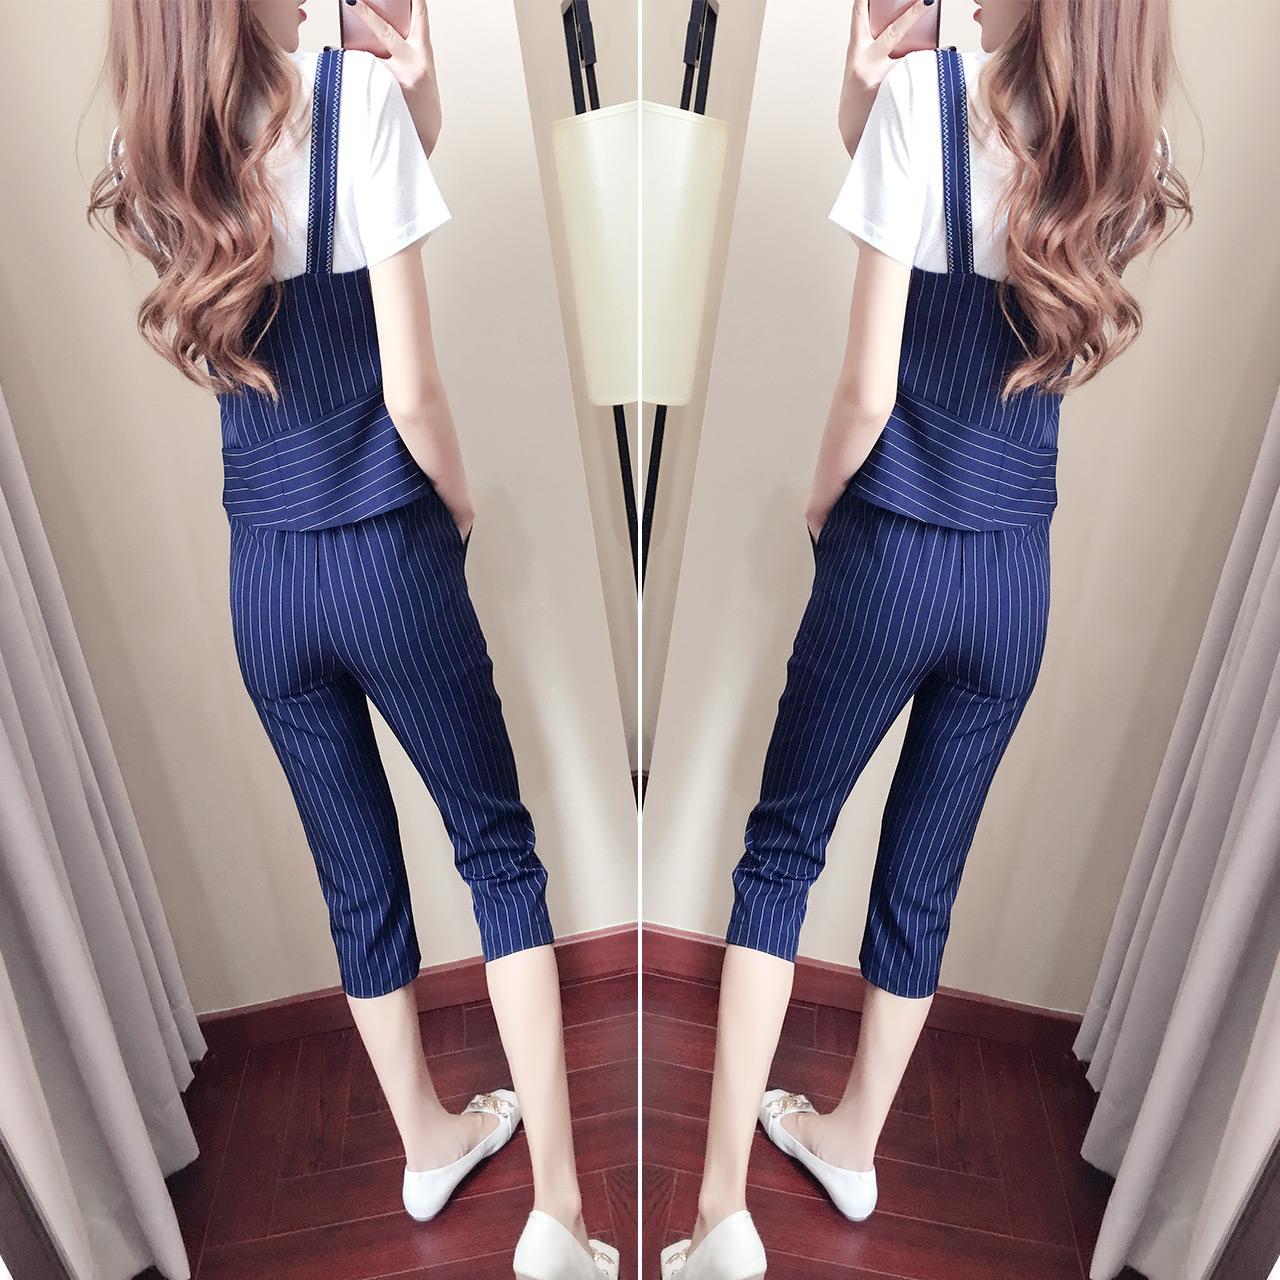 吊带阔腿裤套装夏装2018新款显瘦洋气复古chic港味套装女秋两件套